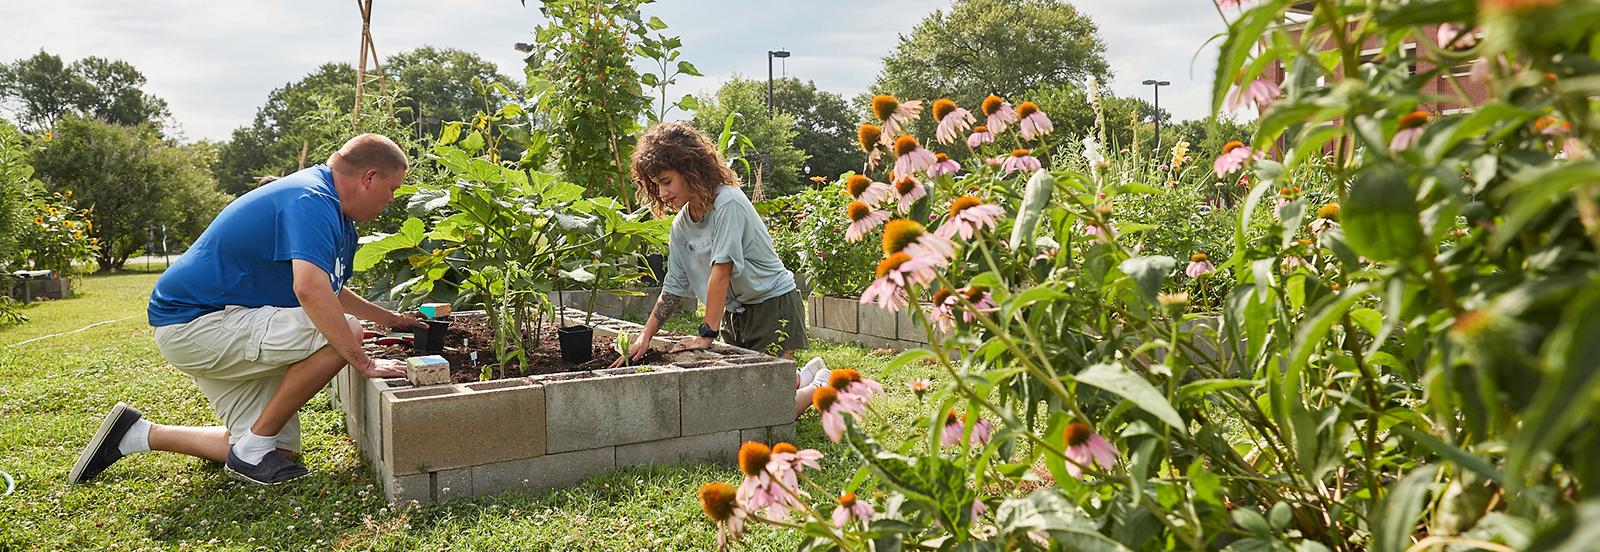 volunteers working in garden